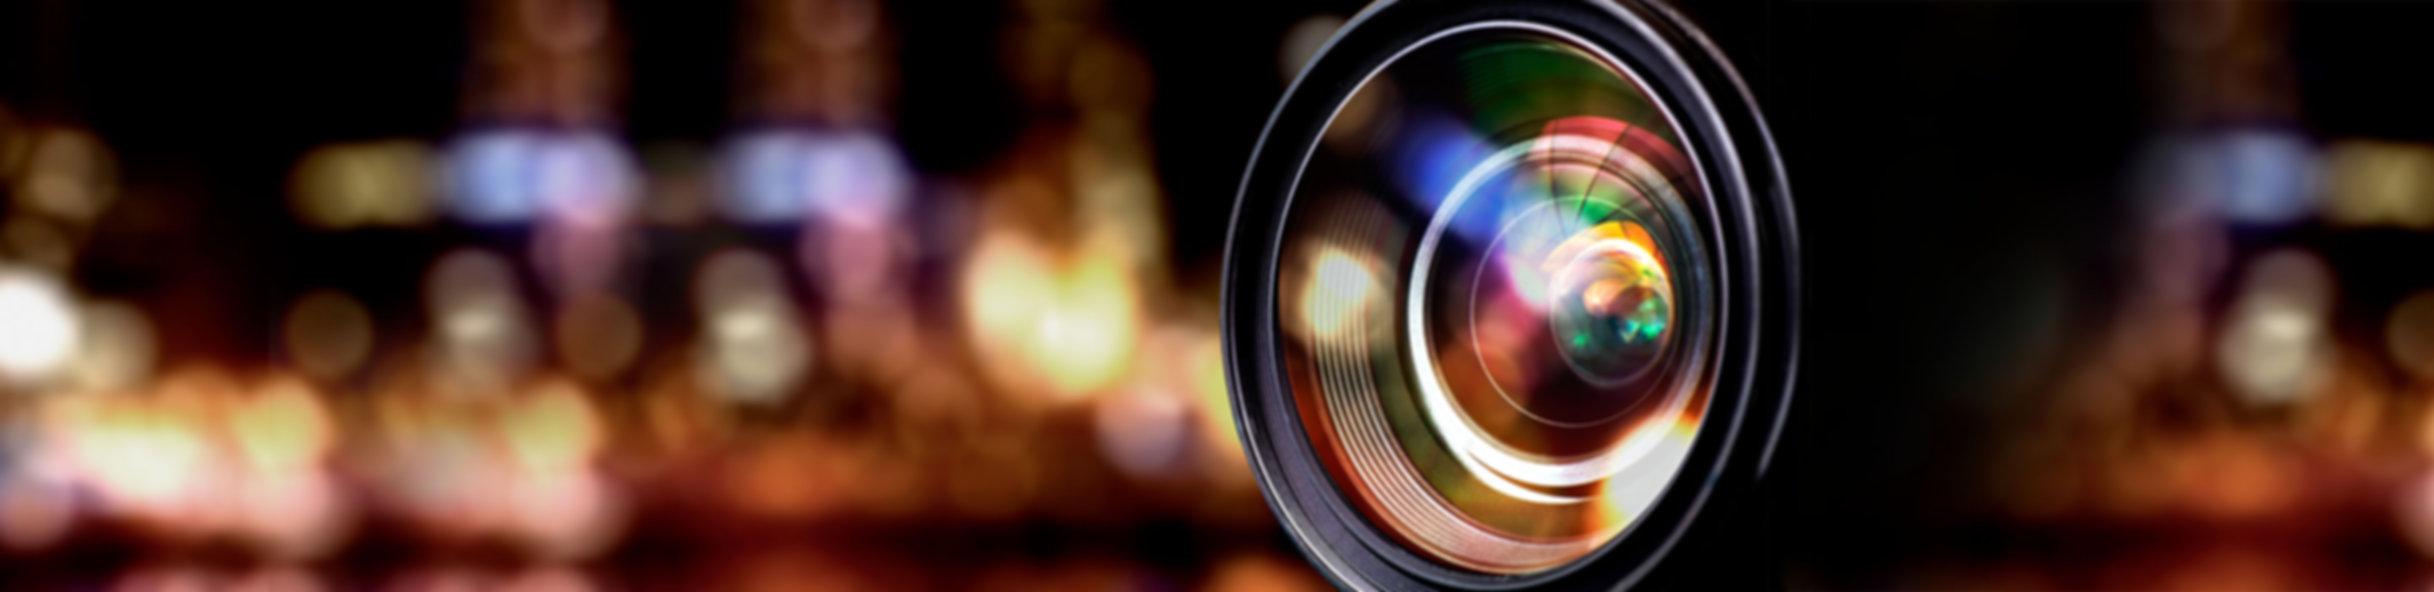 Luminary Photography & Art